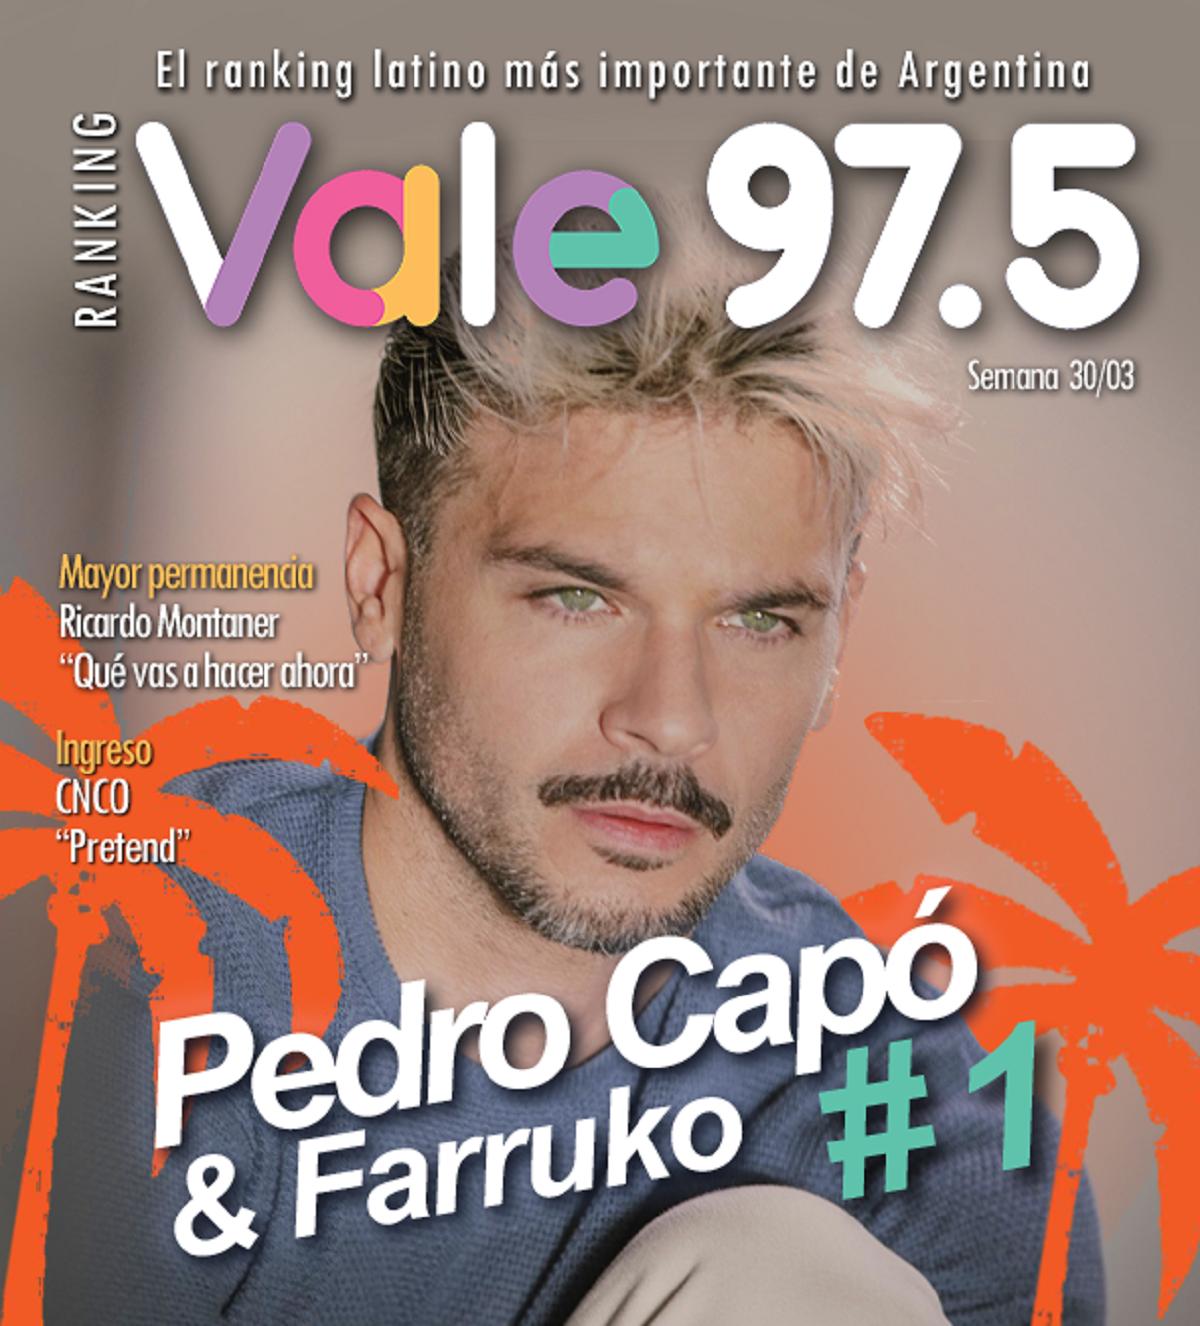 Calma de Pedro Capó y Farruko sigue en lo alto del Ranking Vale